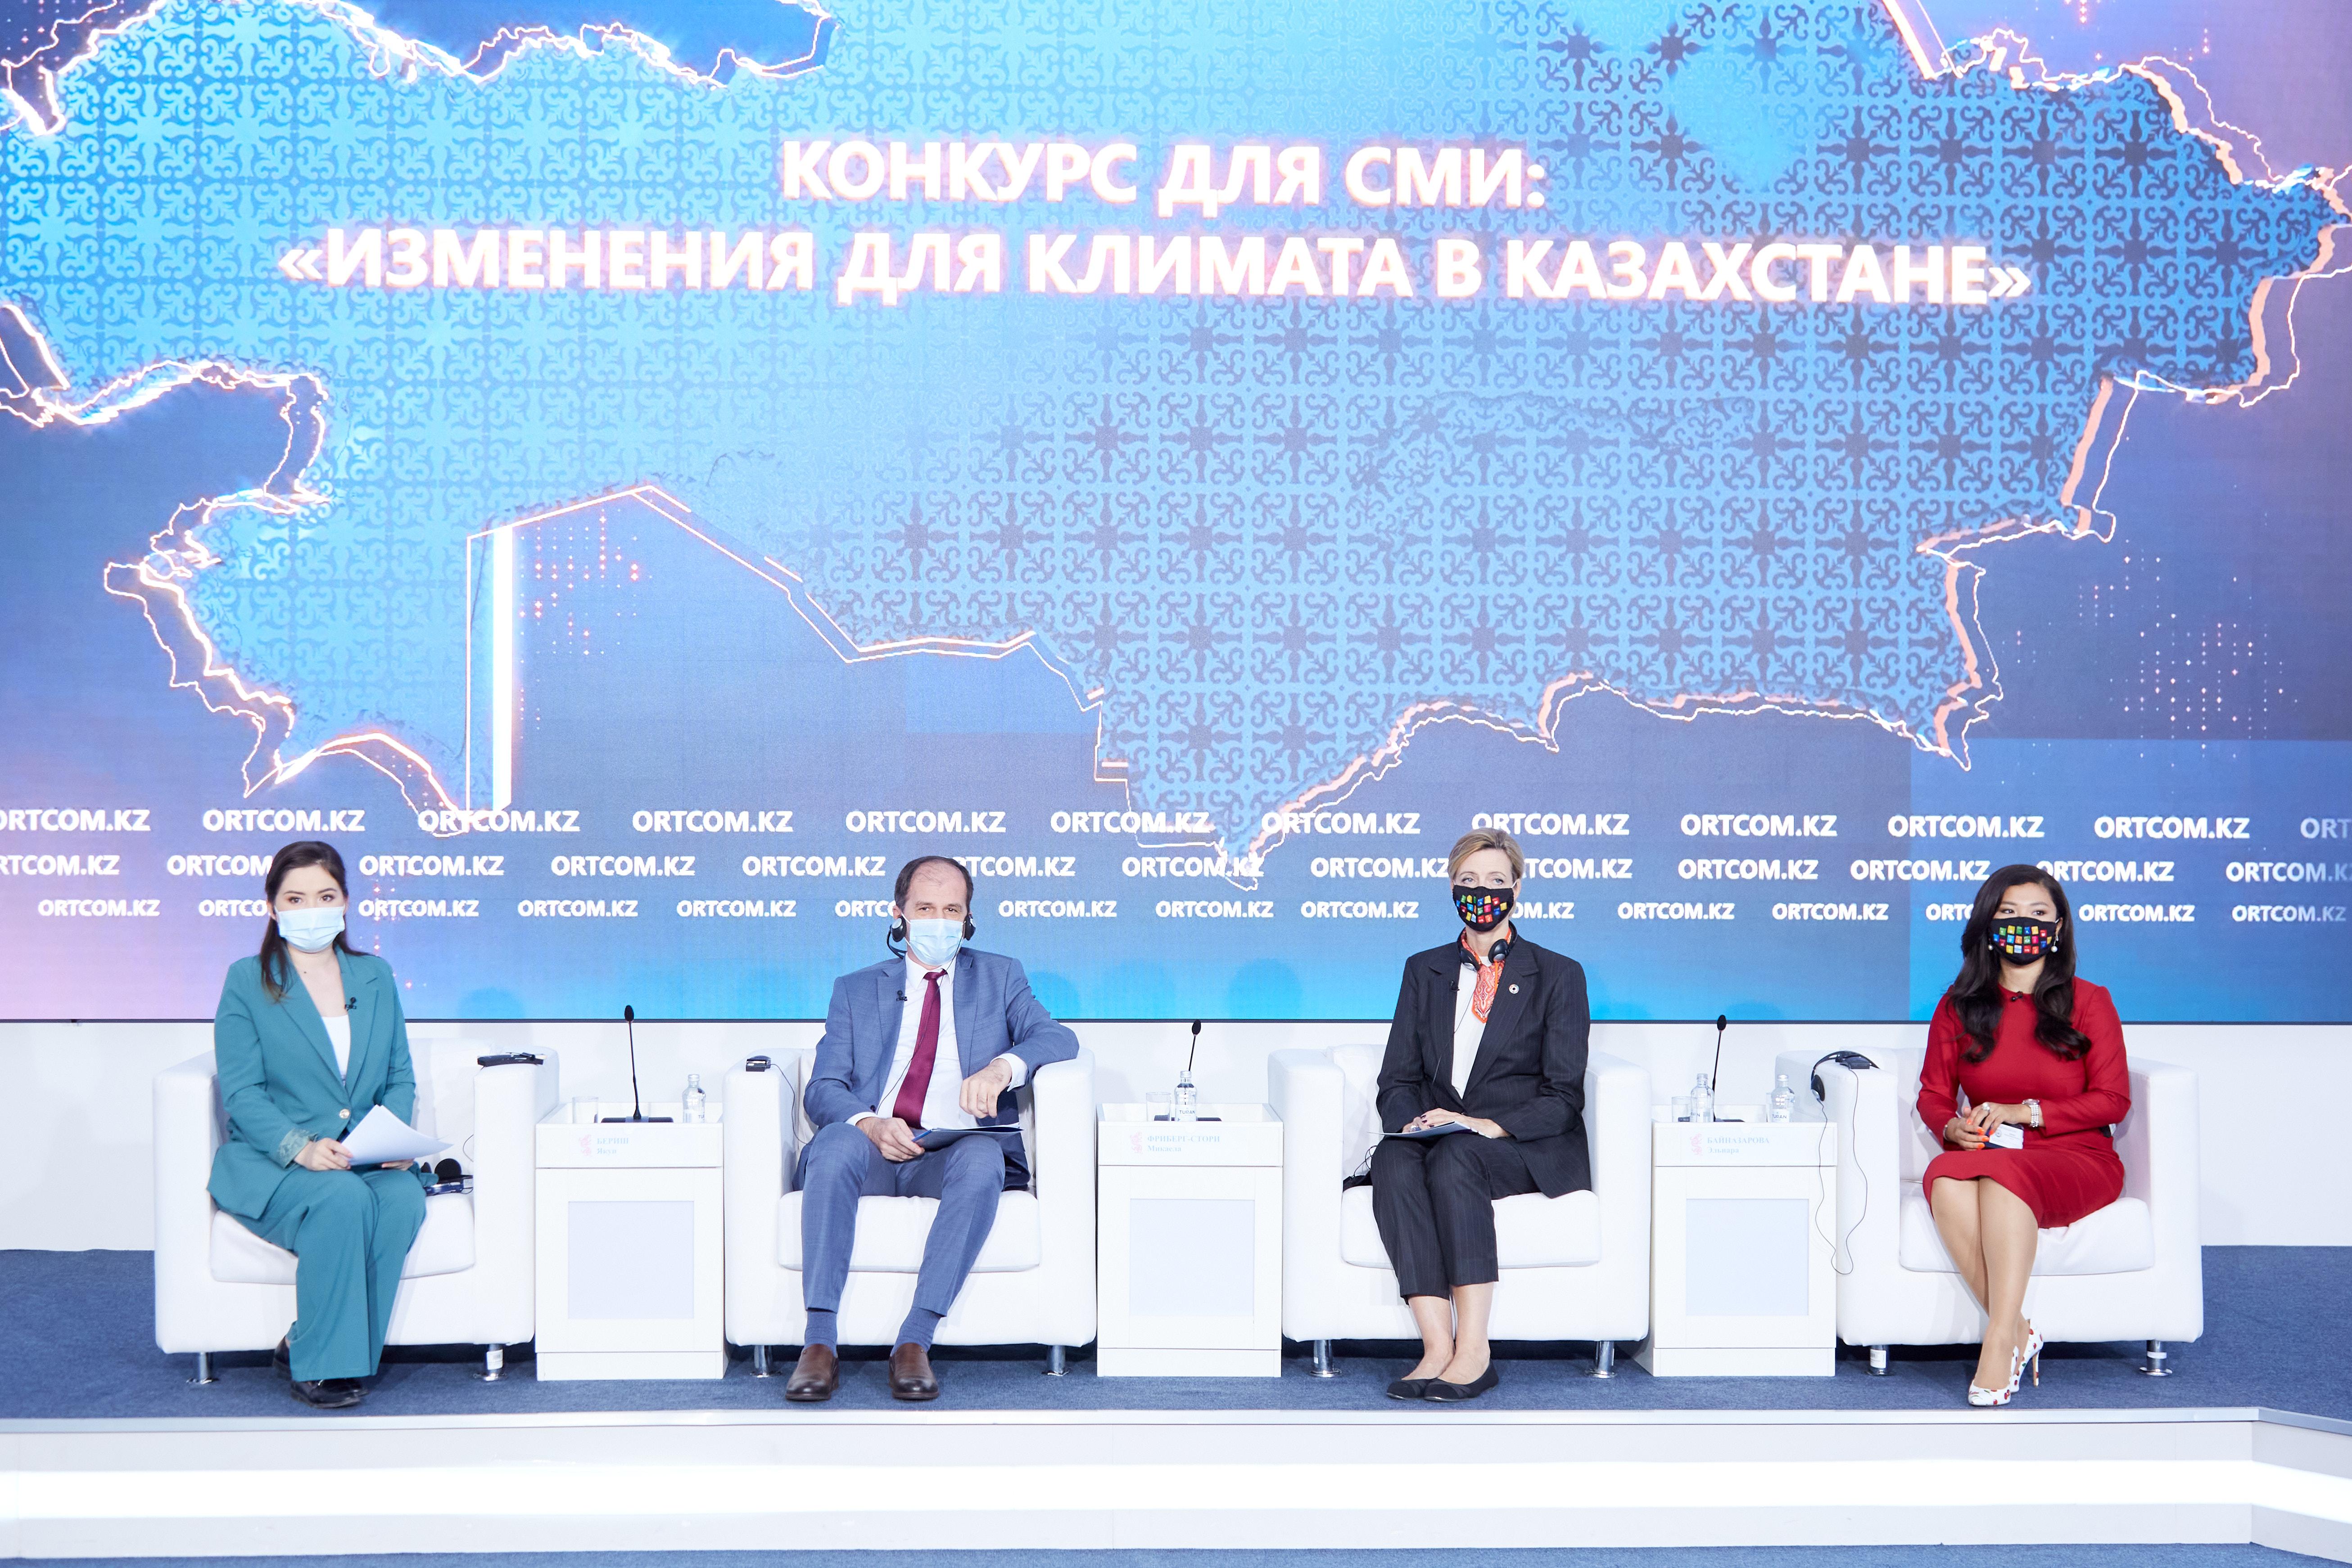 ООН в Казахстане объявляет конкурс для журналистов: «Изменения для климата в Казахстане»